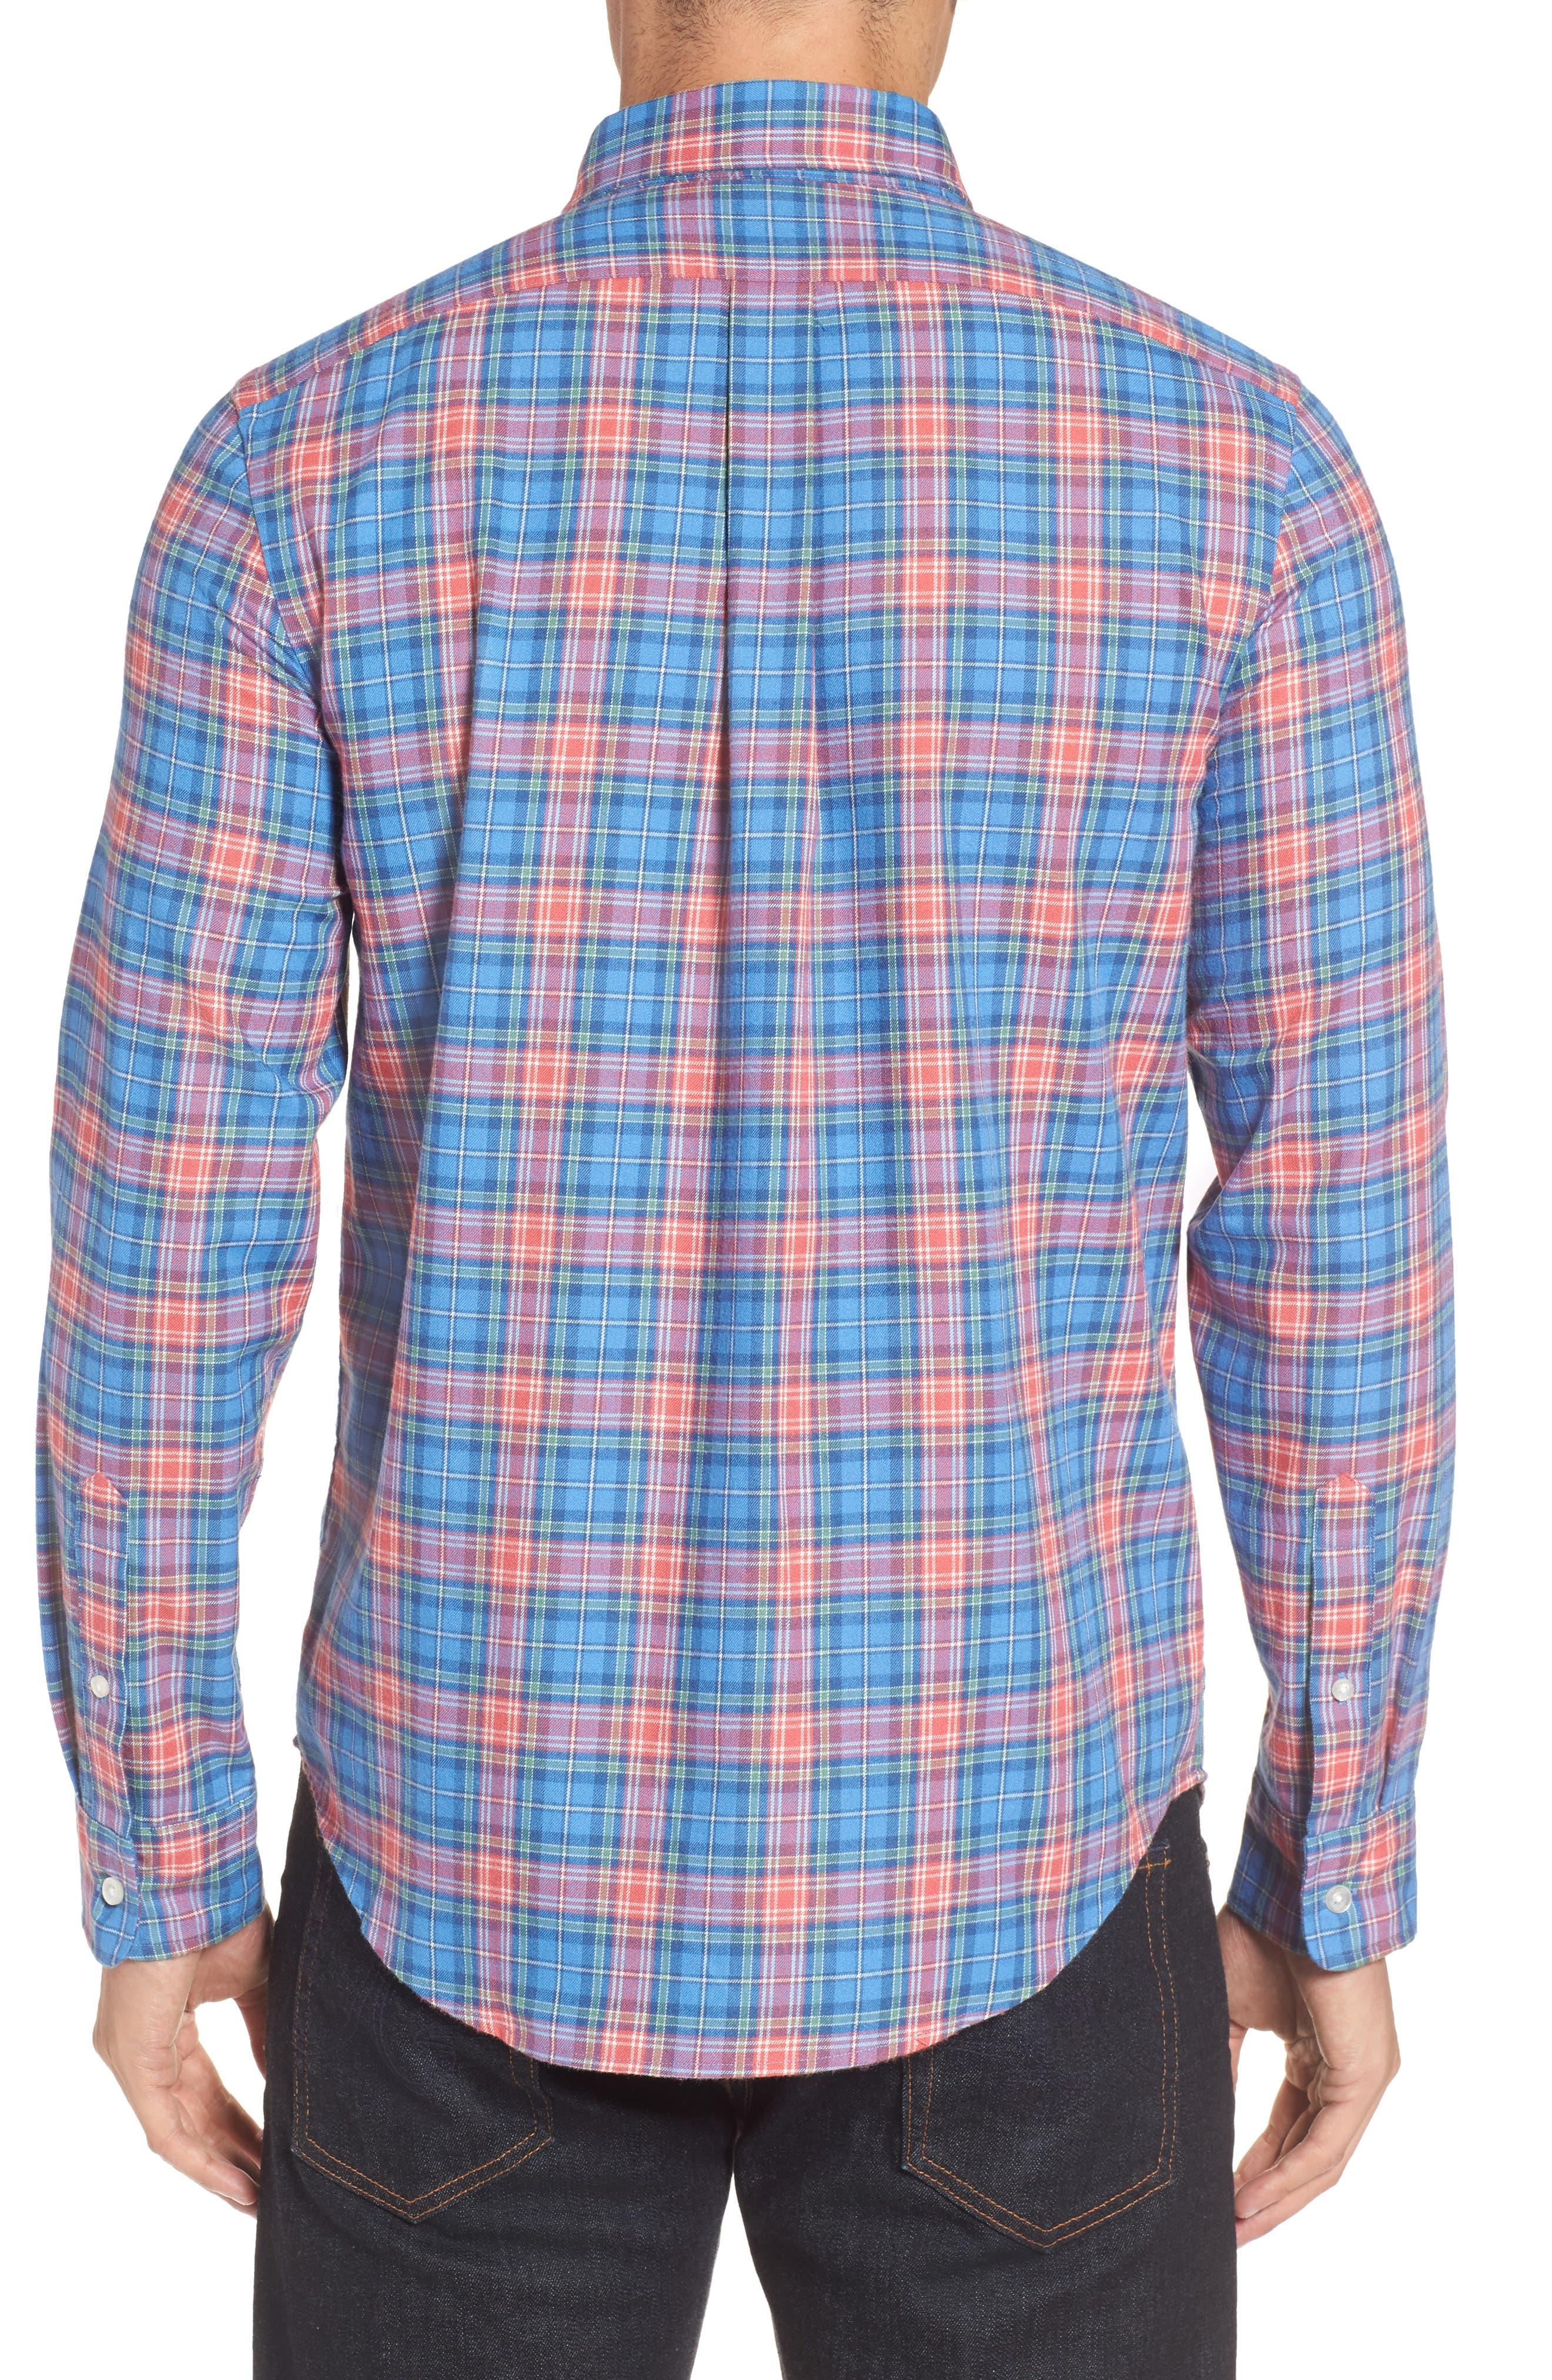 Kingsley Park Slim Fit Plaid Sport Shirt,                             Alternate thumbnail 2, color,                             Bimini Blue